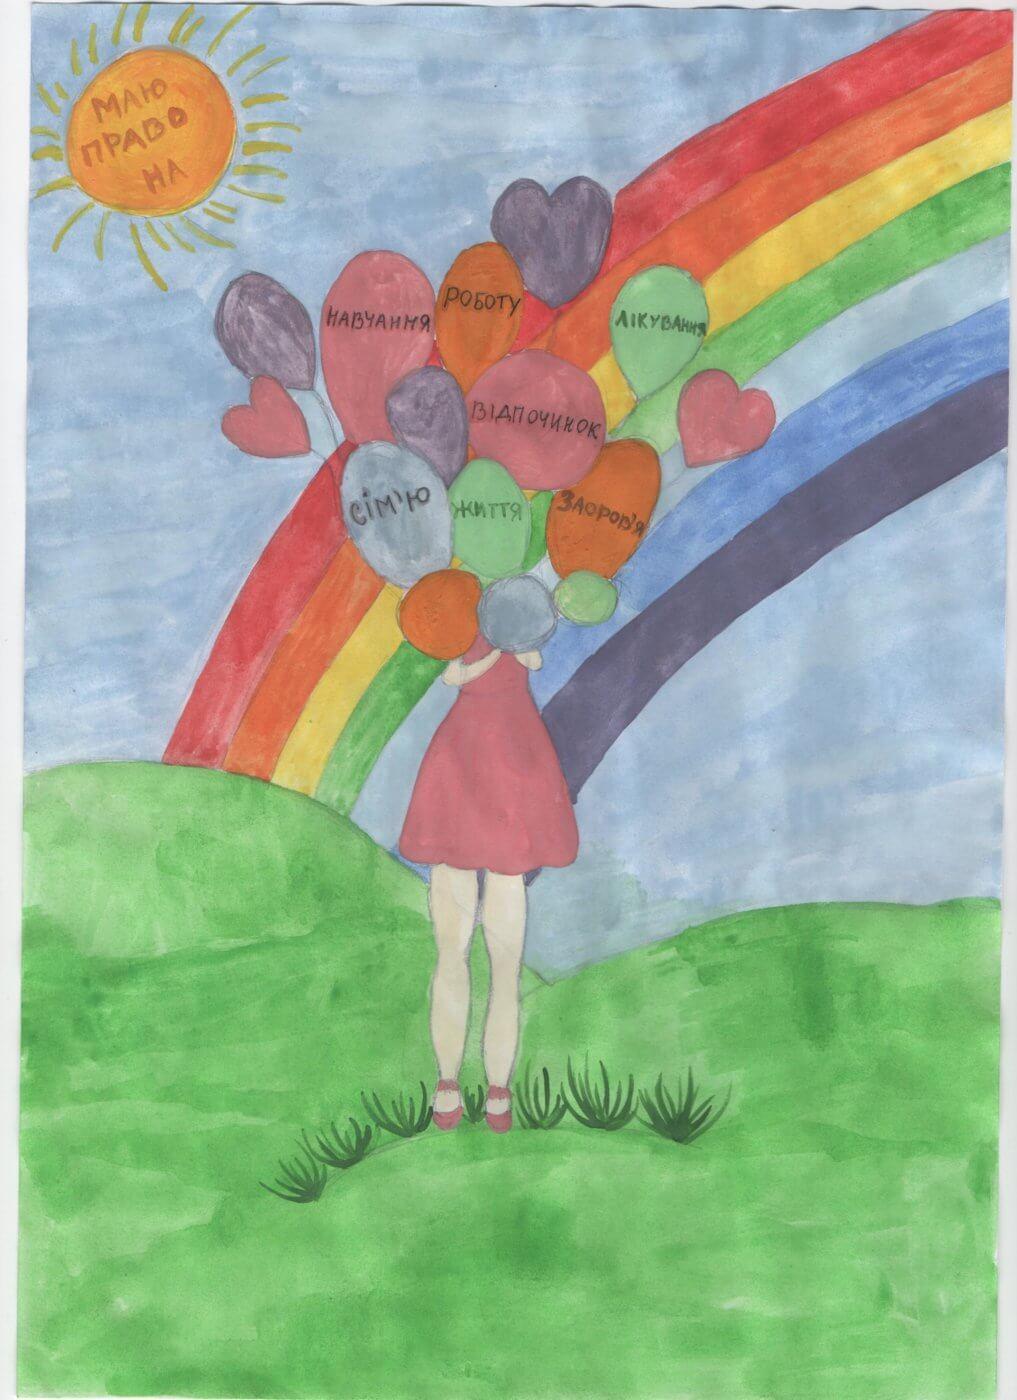 yakubko kira 1017x1400 - Всеукраїнський конкурс шкільних малюнків «Мої права»